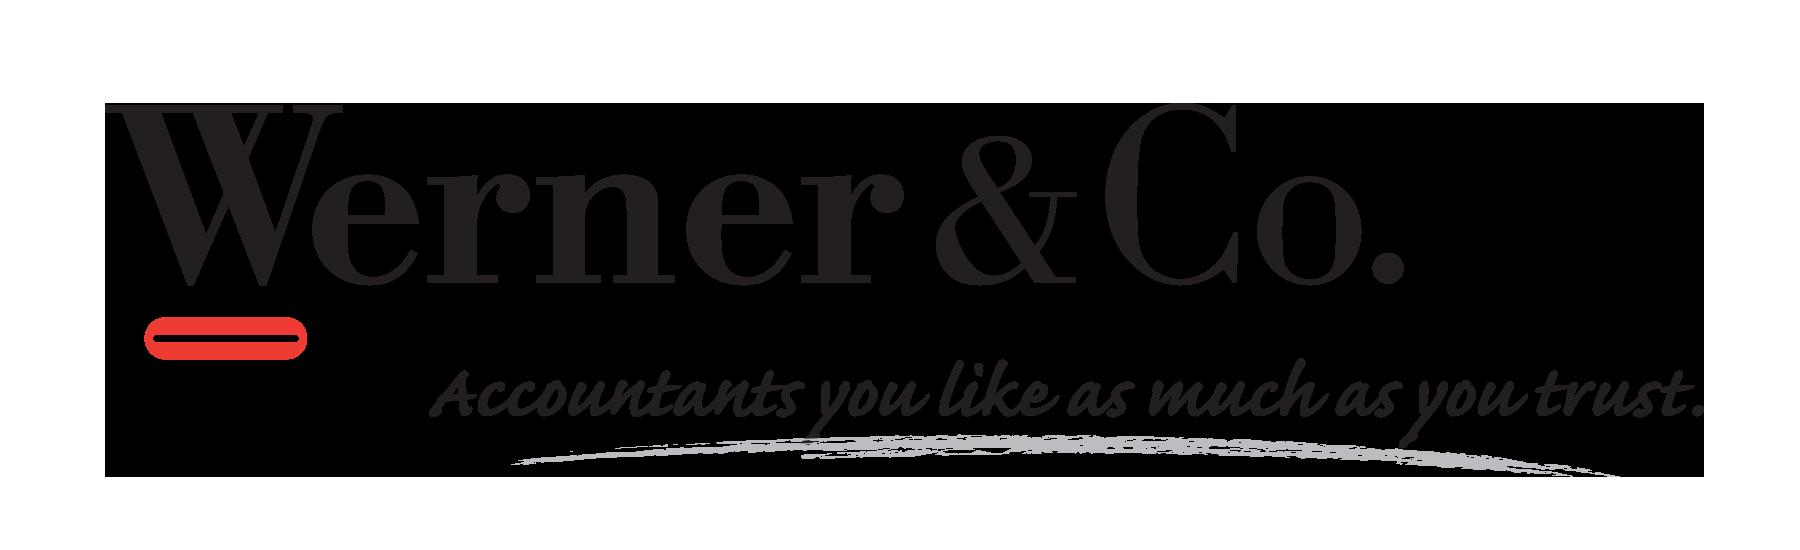 Werner & Co